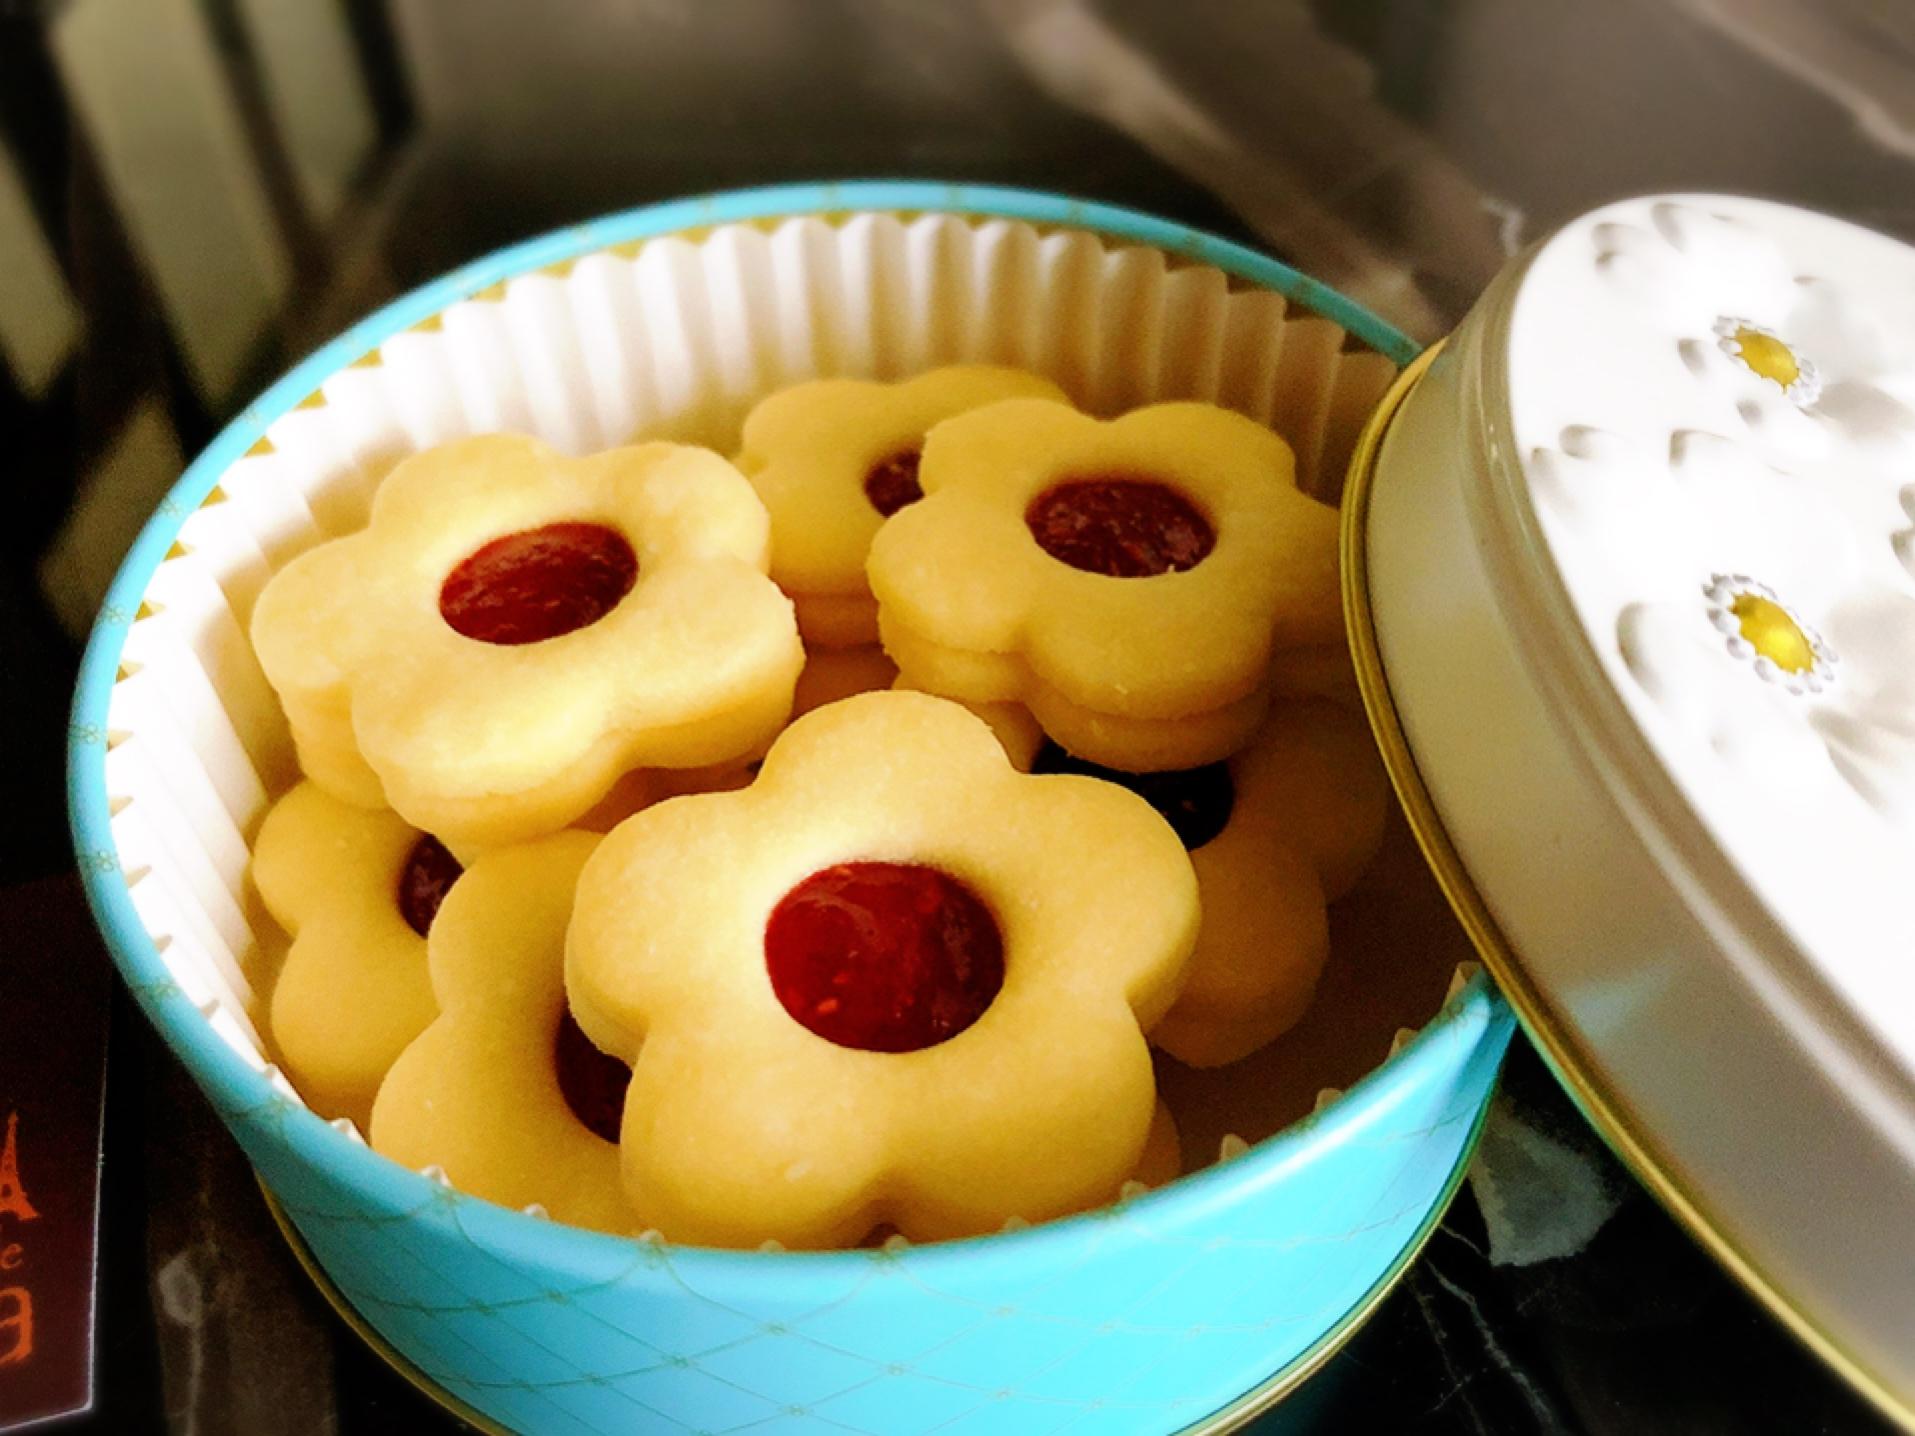 【北海道お取寄せ♡Café de Zaza】大人気1年待ち⁉︎お花のジャムクッキーが美味しい❁可愛い❁_4